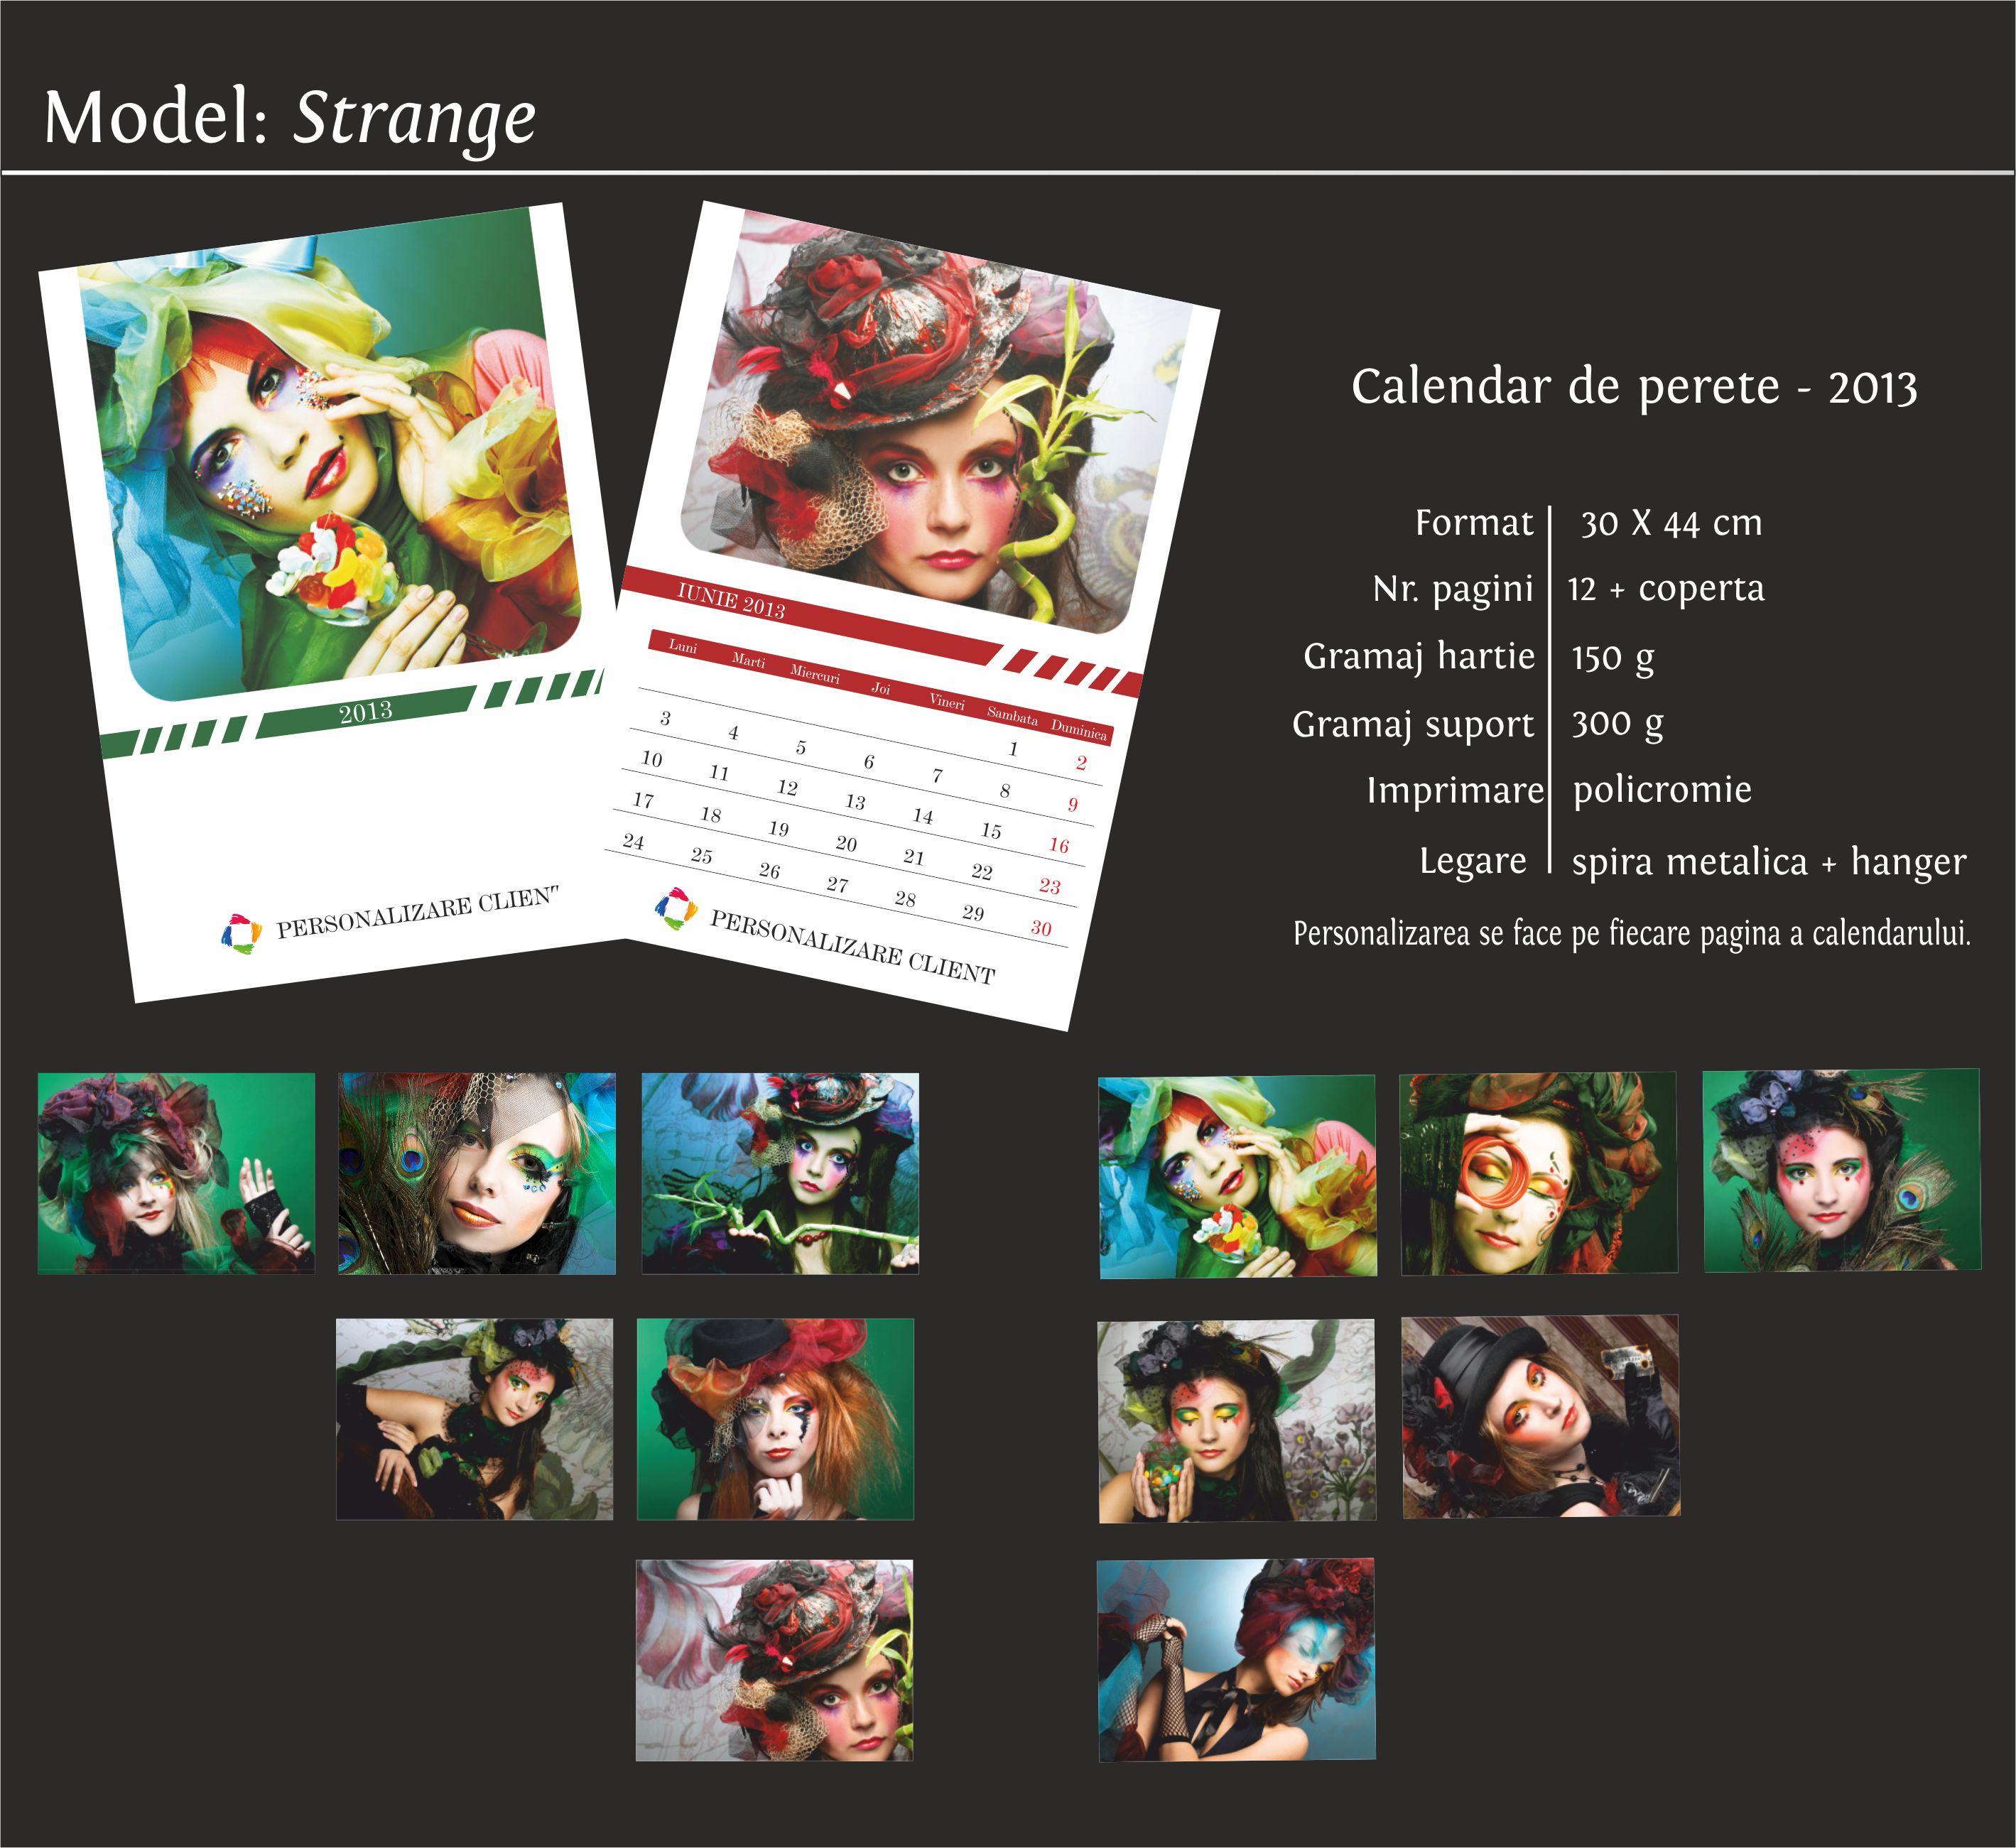 calendare de perete model strange